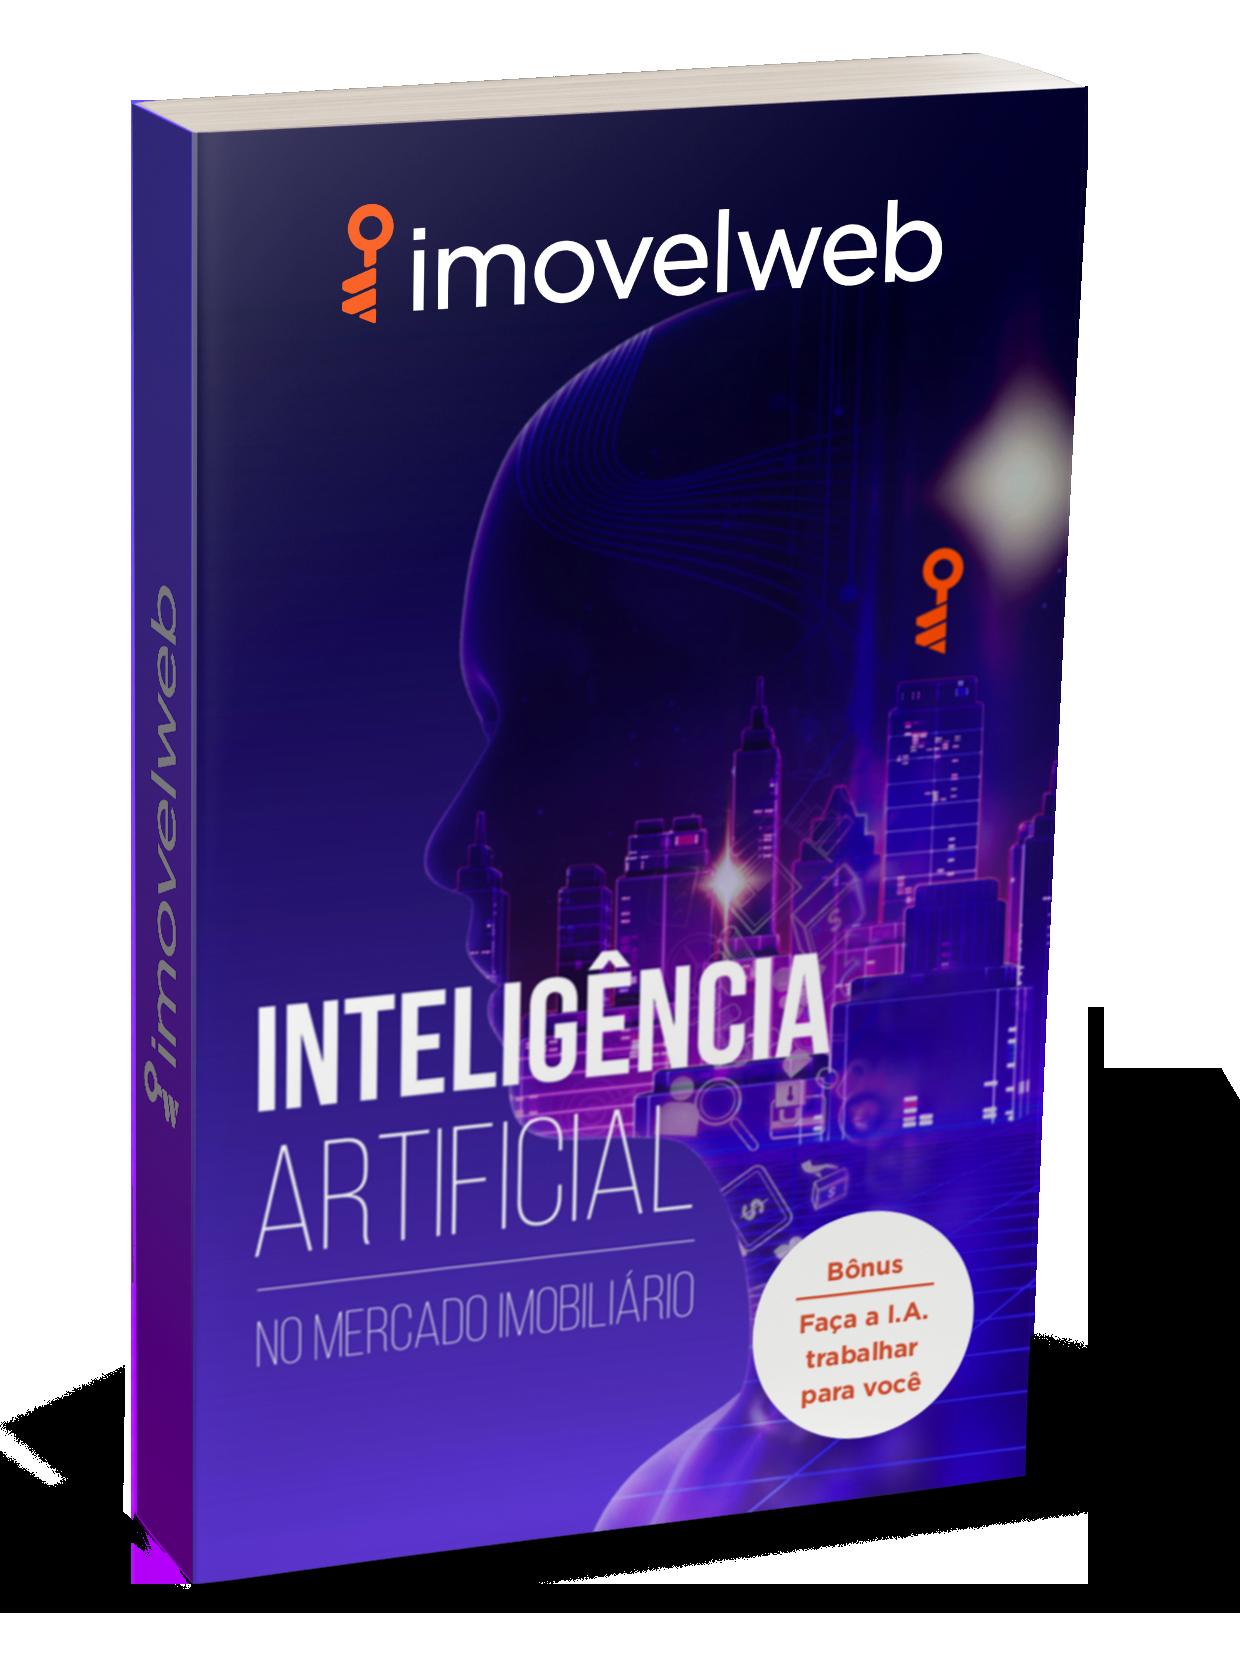 [Ebook] Inteligência Artificial no Mercado Imobiliário